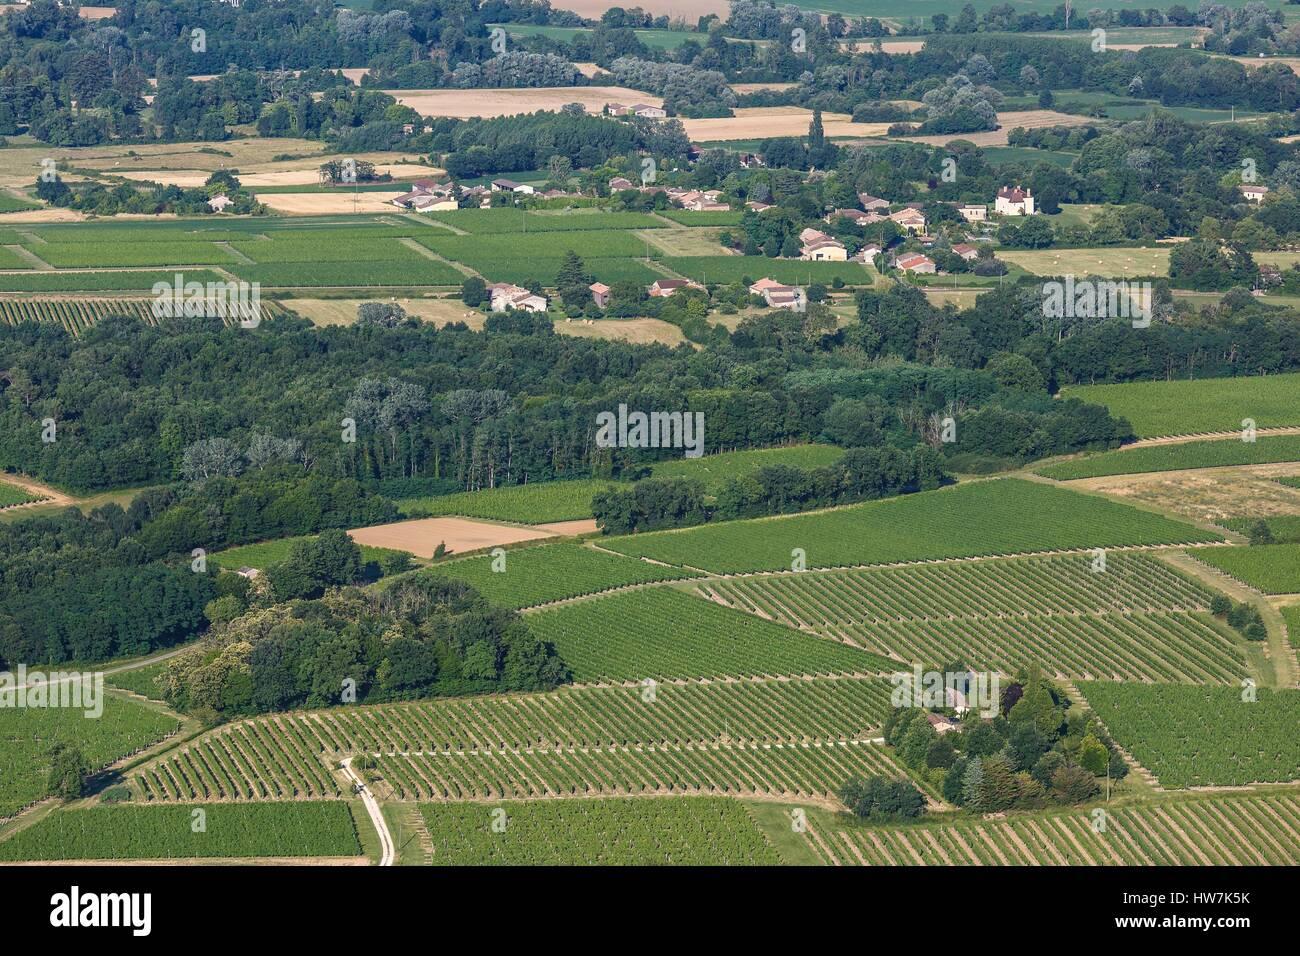 France, Gironde, Saint Felix de Foncaude, Entre deux Mers vineyards (aerial view) - Stock Image